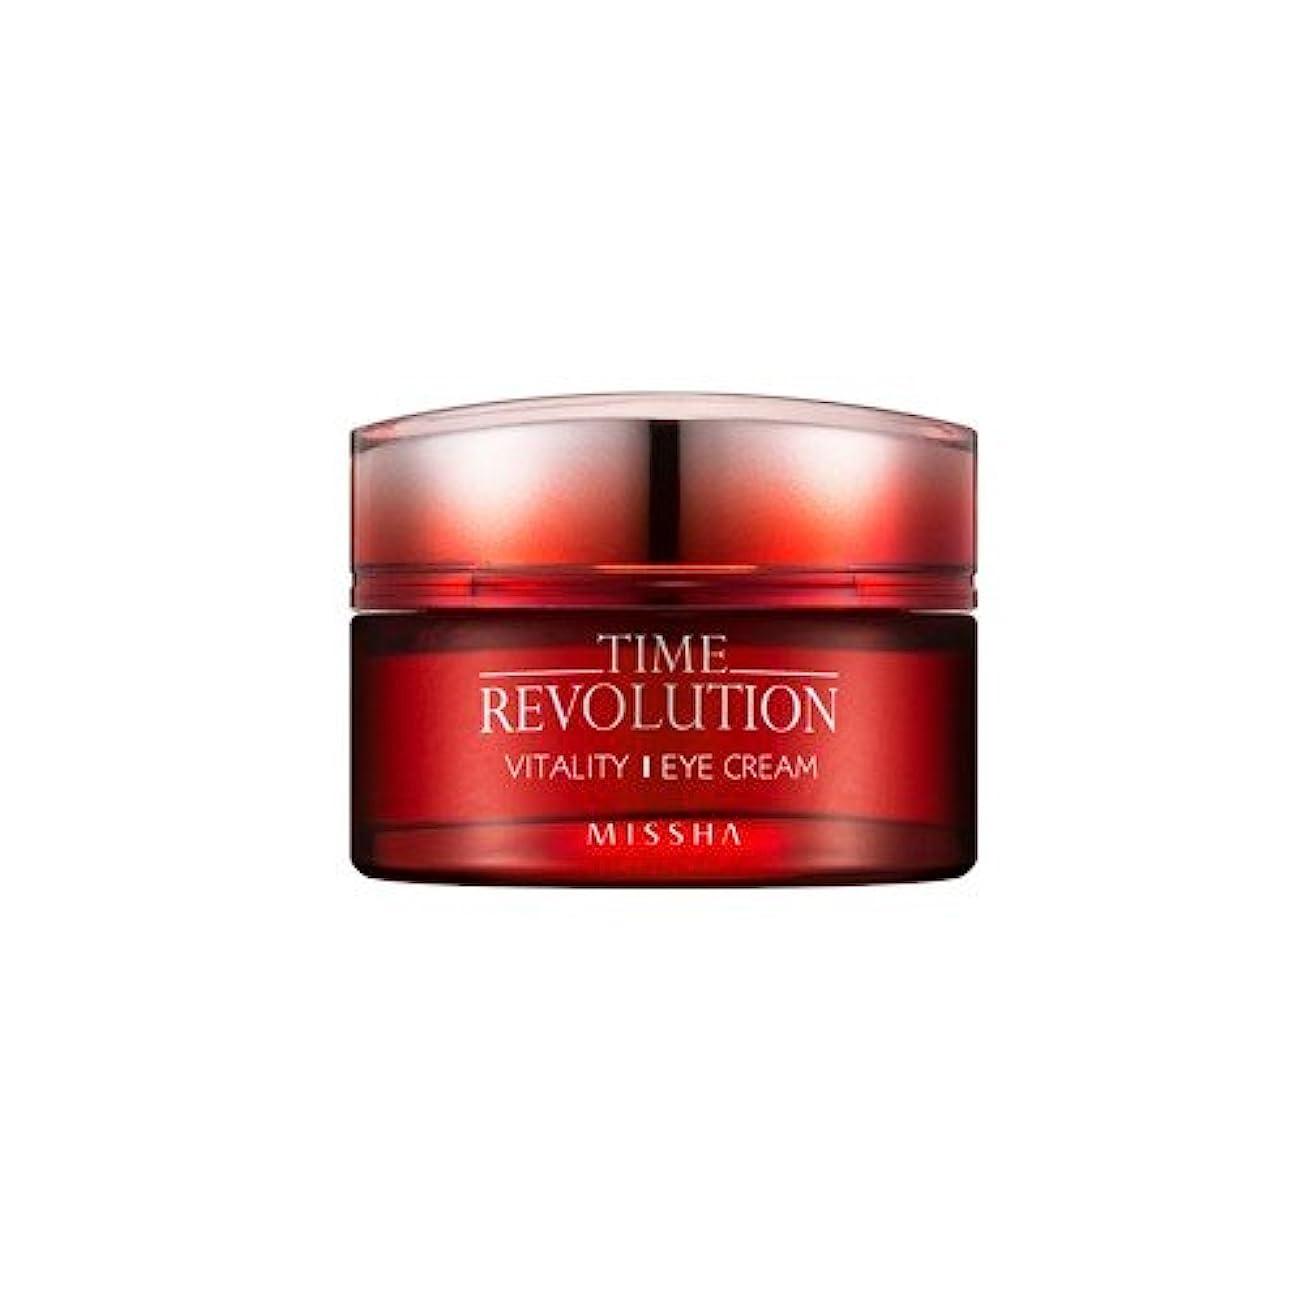 ビデオ占めるパックMISSHA time revolution vitality eye cream (ミシャ タイムレボリューション バイタリティー アイクリーム)25ml